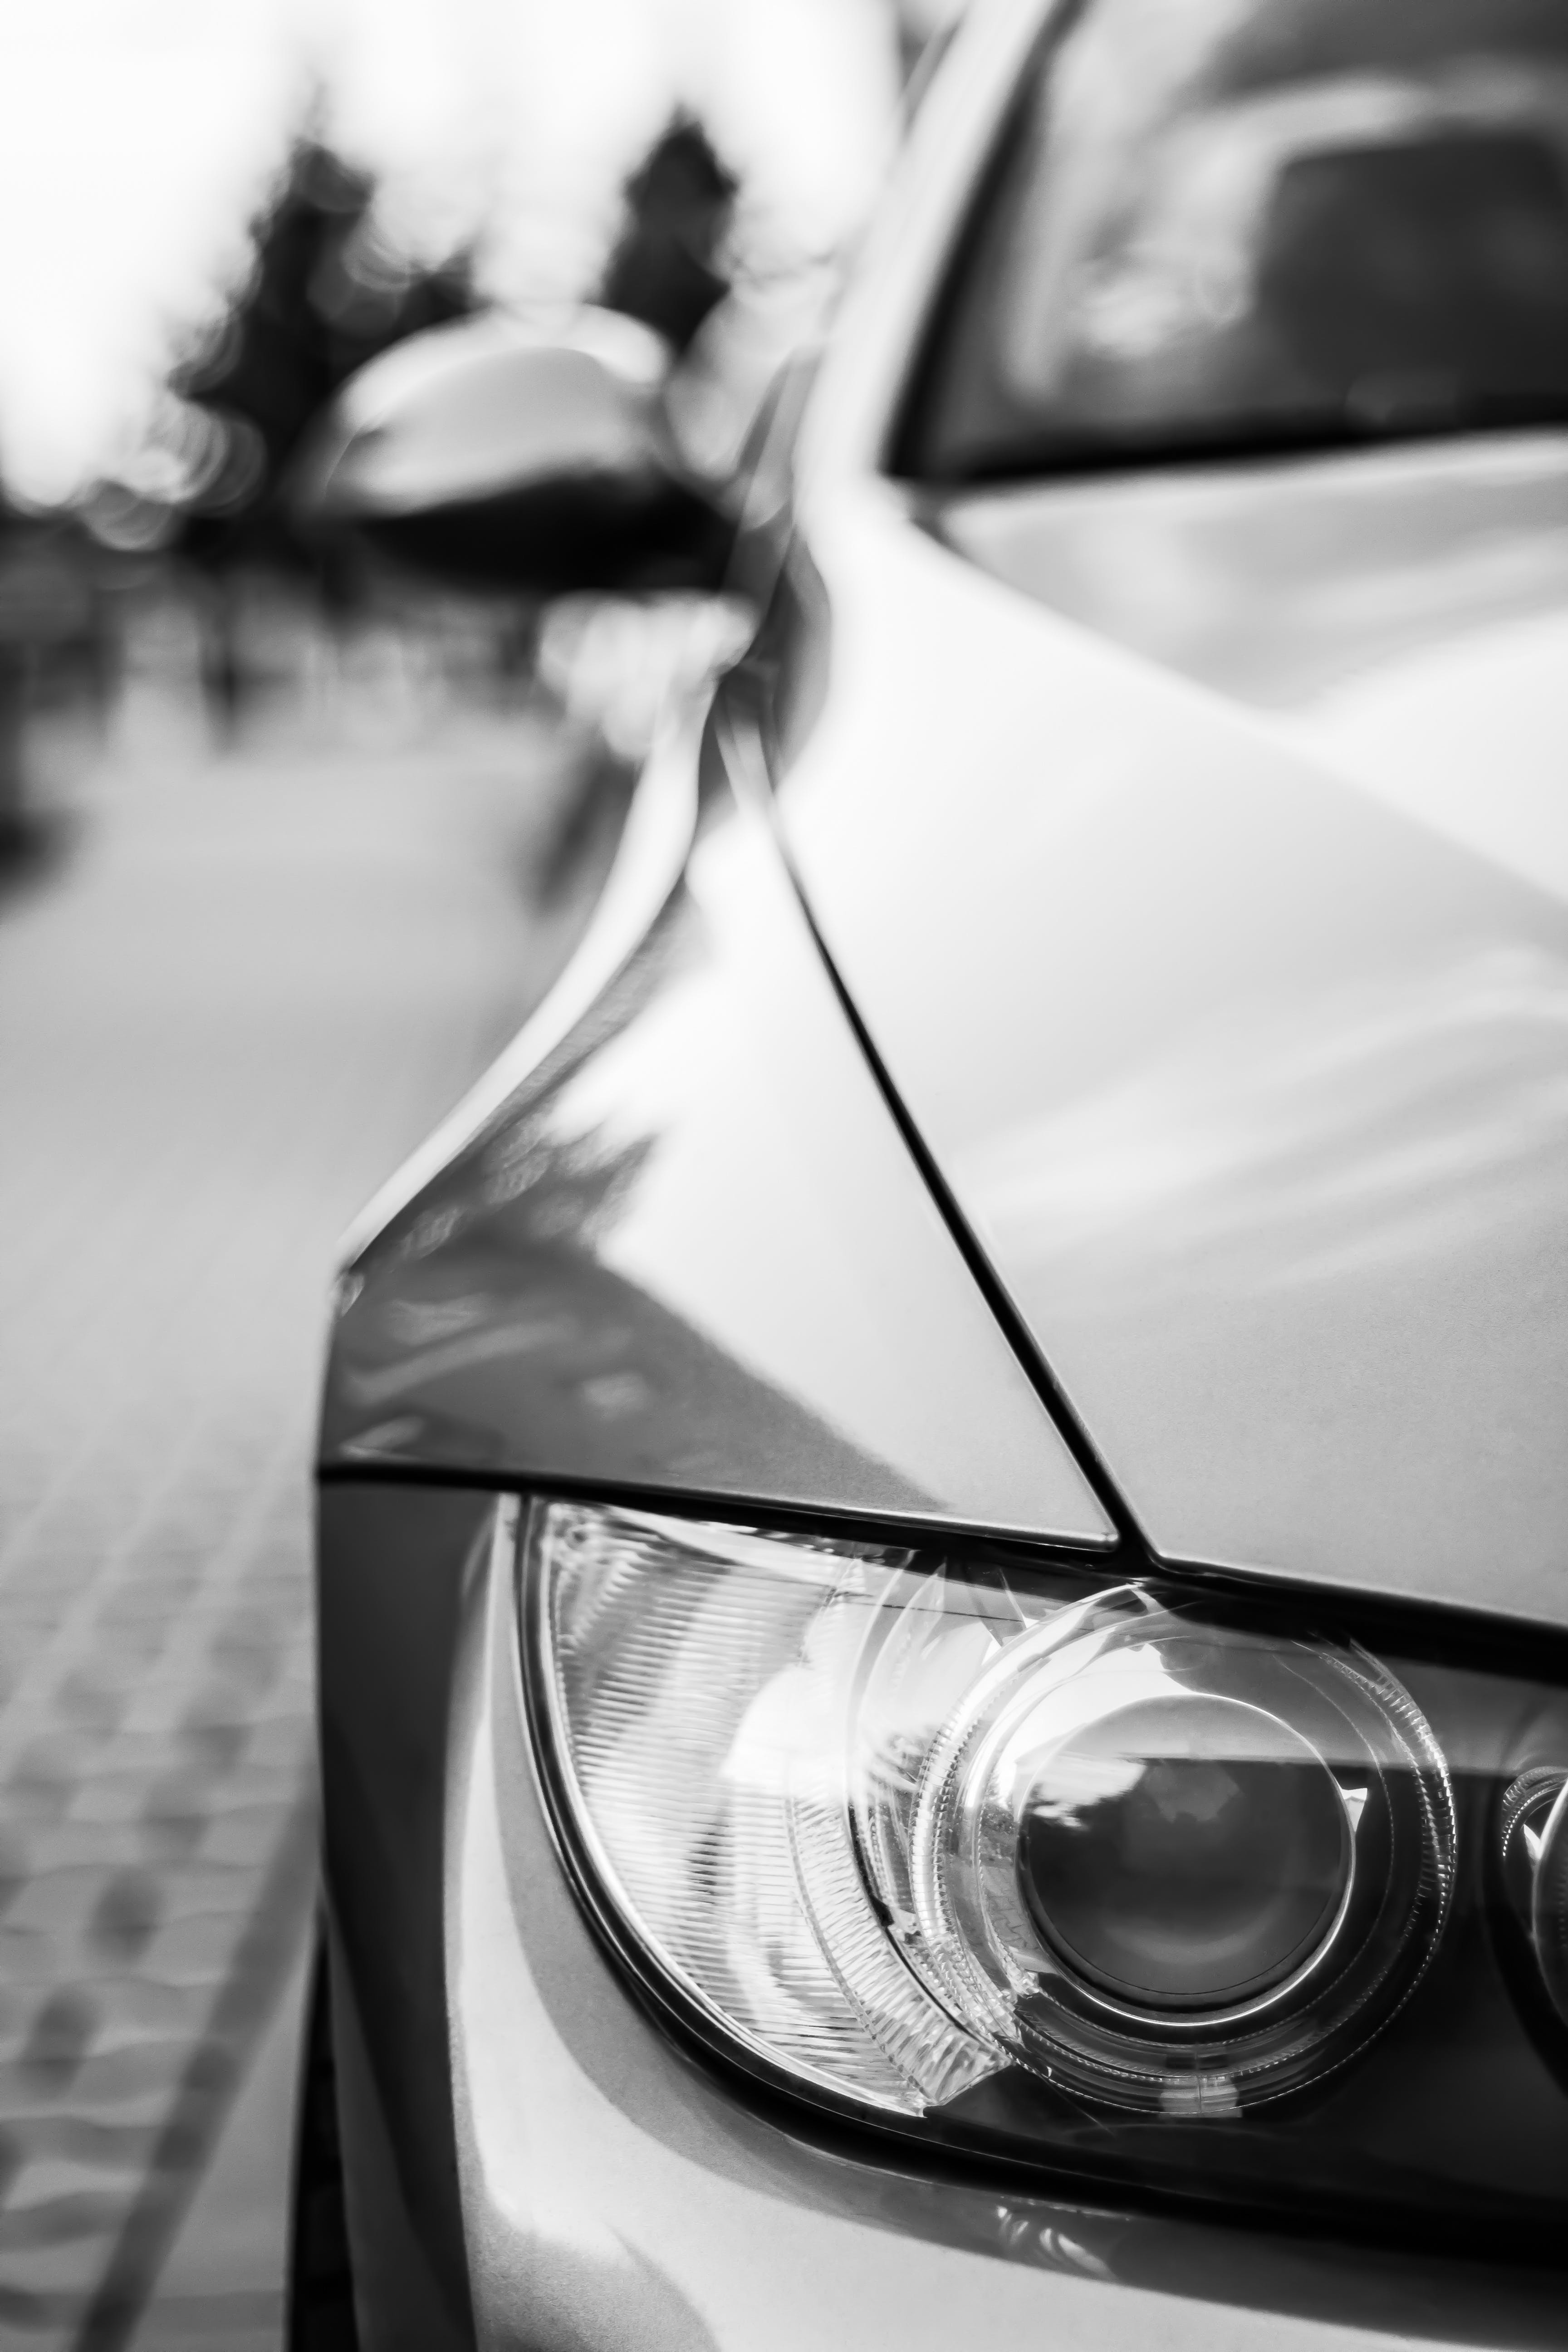 açık, araba, araç